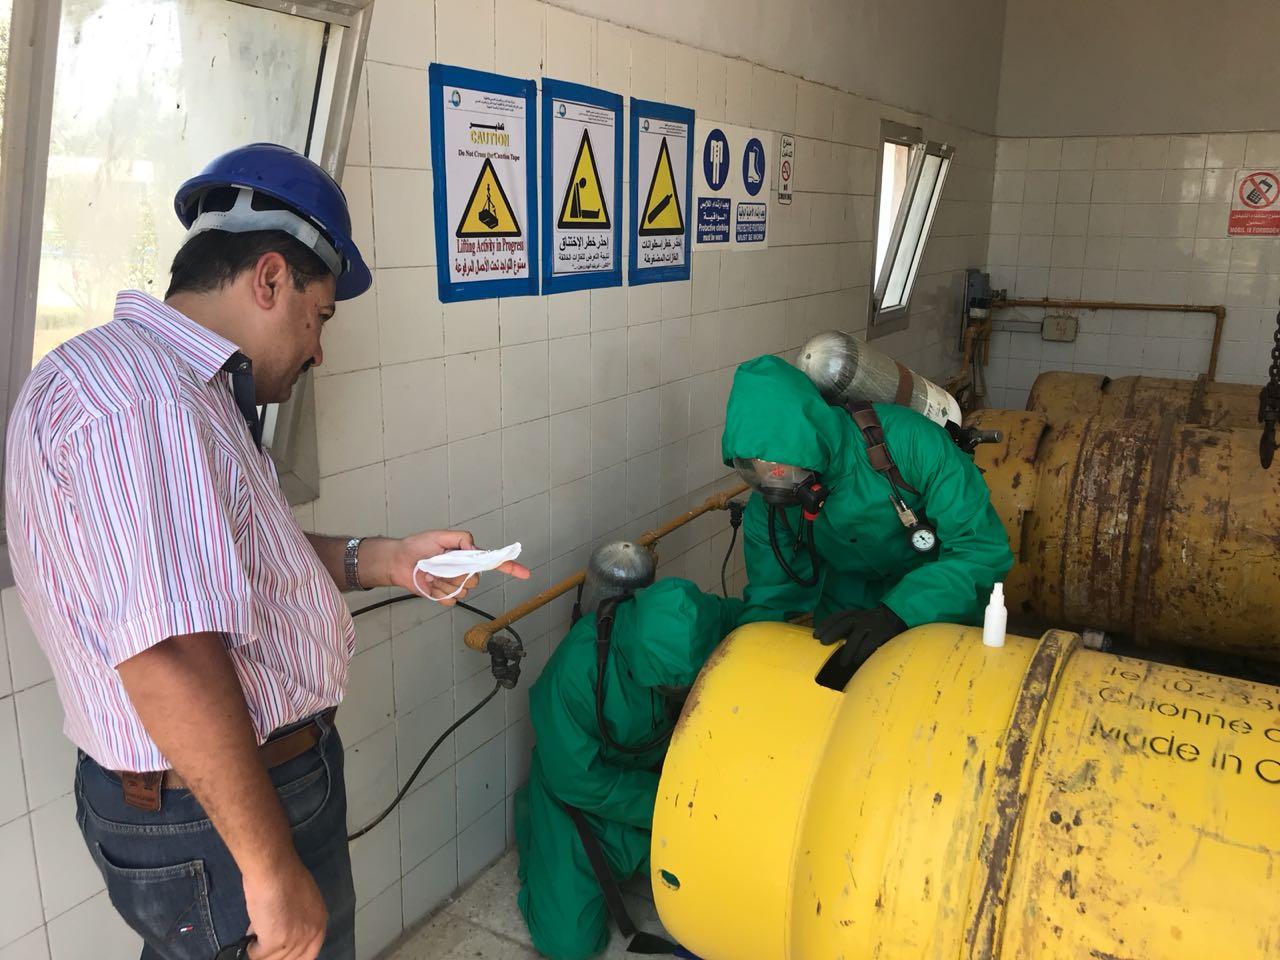 محطة أوليلة بالدقهلية تحصل شهادة الإدارة الفنية المستدامة (1)